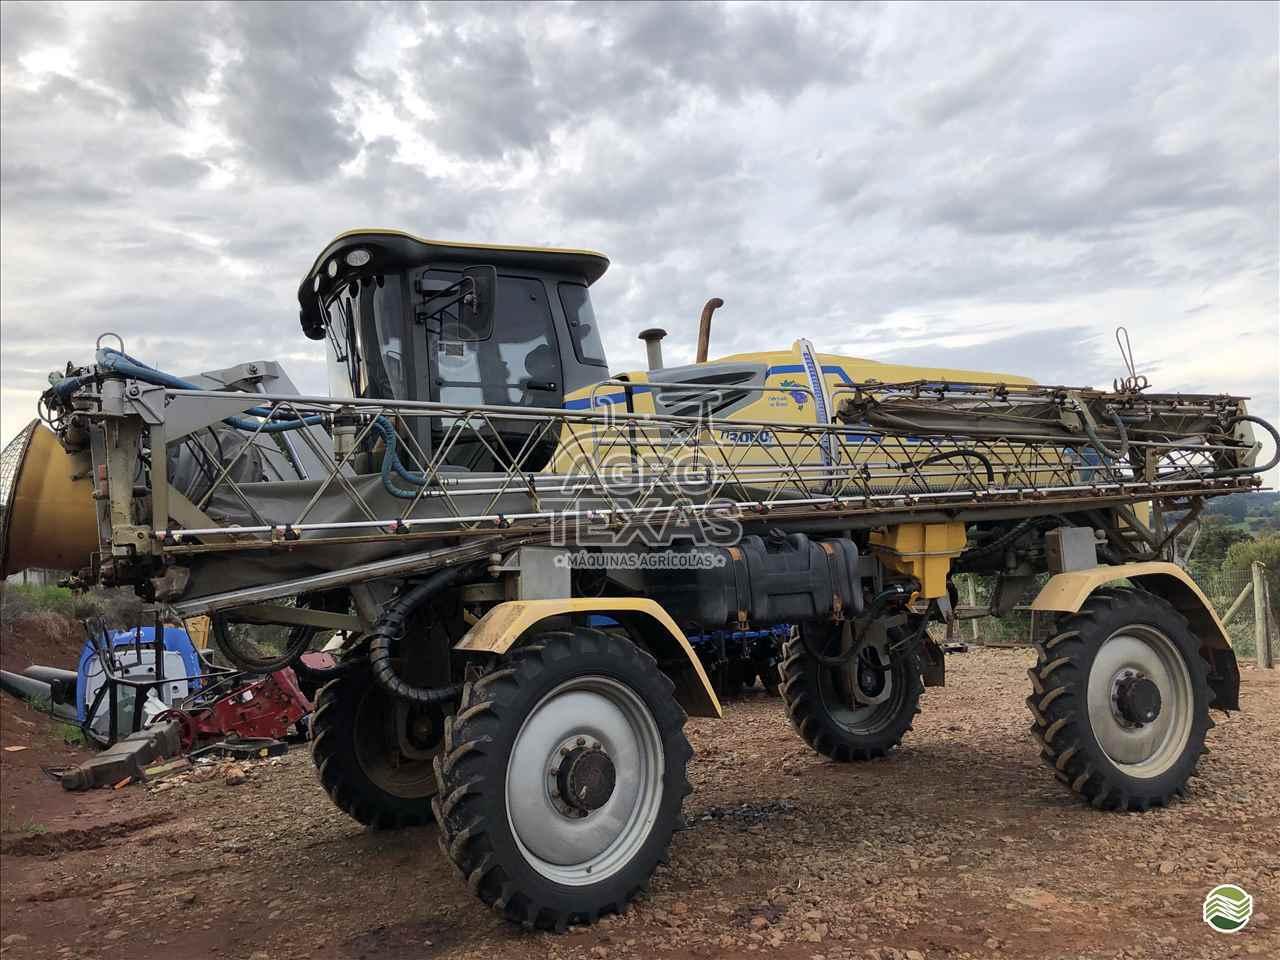 PULVERIZADOR PLA H 3000 Tração 4x4 Agro Texas Máquinas Agrícolas VITORINO PARANÁ PR